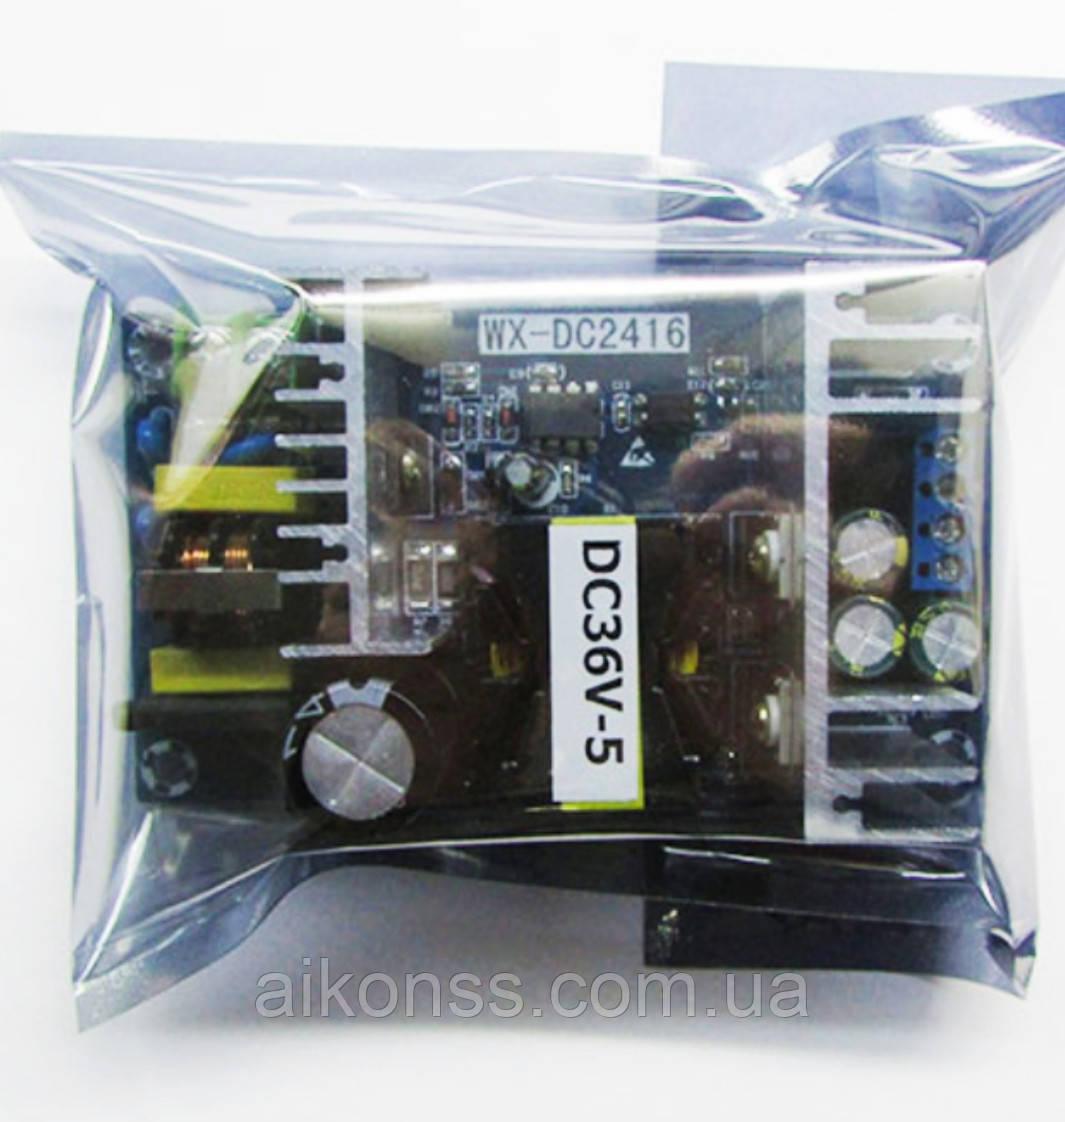 Импульсный блок питания  AC-DC преобразователь 220v - 36V 5A-6.5А 180- 230W